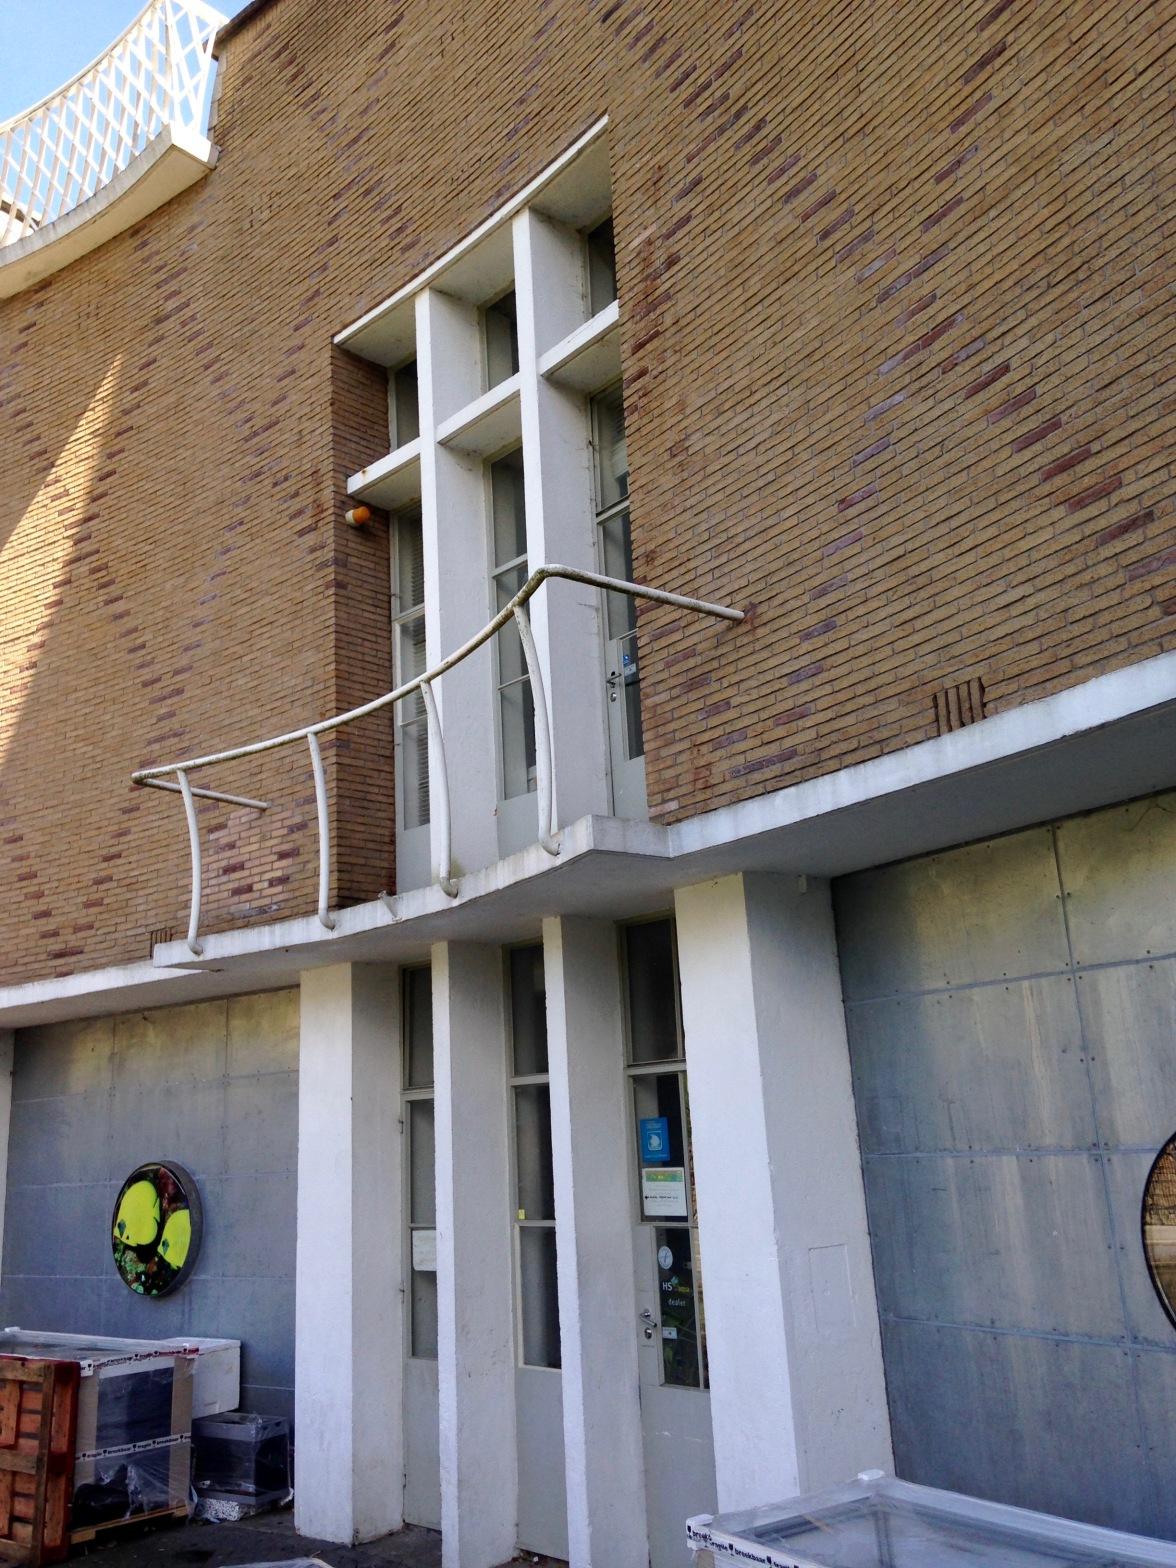 De zand- en zoutbunkers in de oude Haven van Hilversum, ontworpen door Dudok